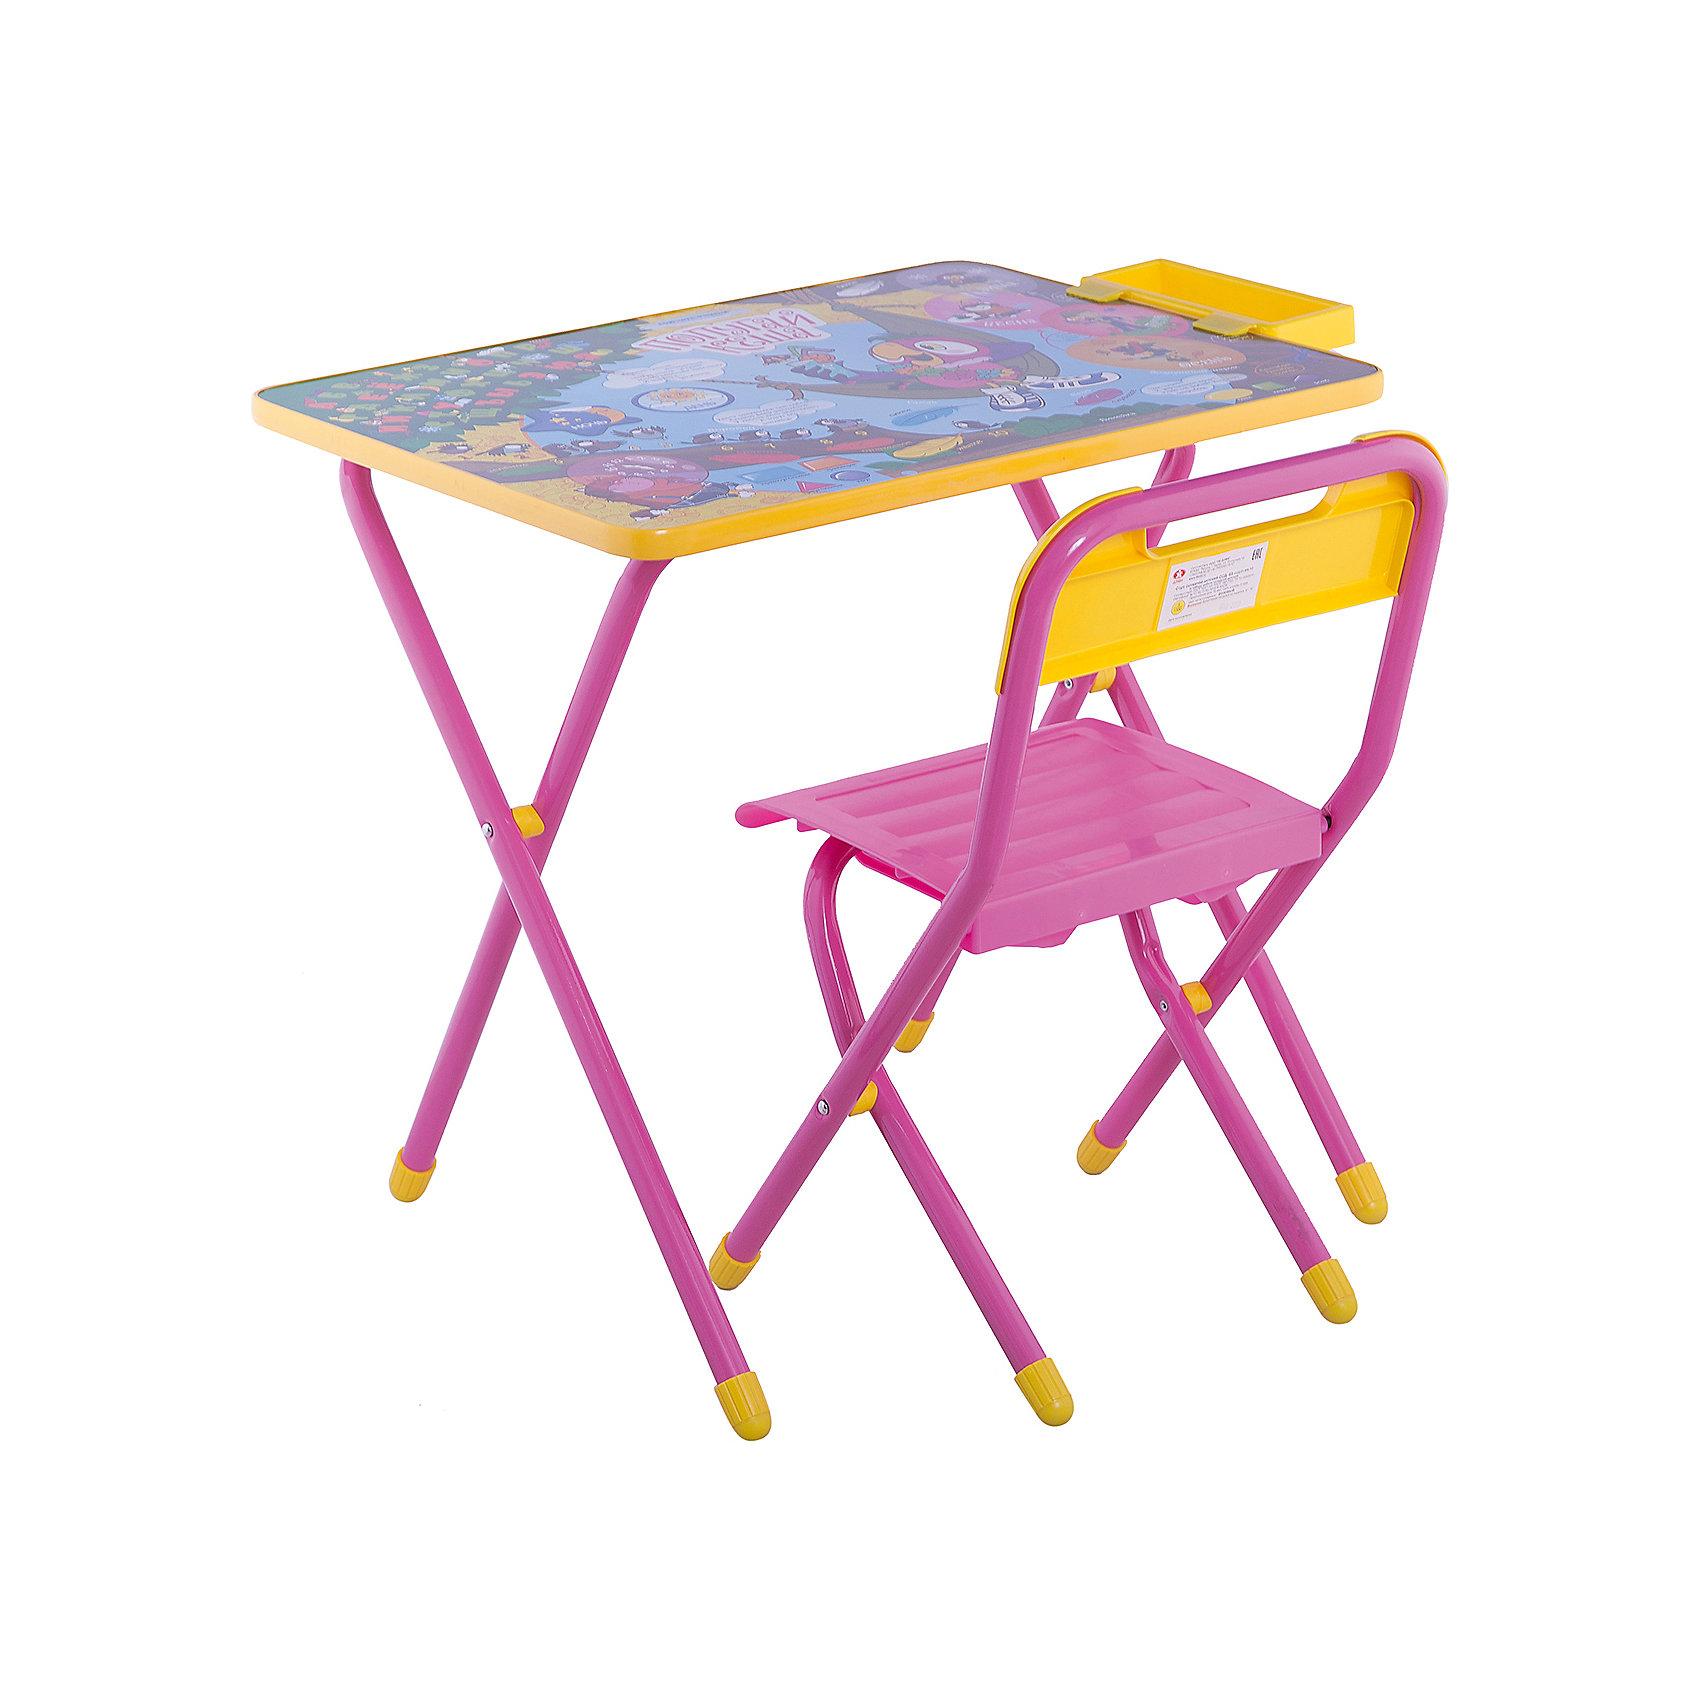 Набор детской складной мебели Попугай Кеша, ДэмиДетские столы и стулья<br>Каждый ребенок нуждается в удобной, специальной мебели, чтобы его организм мог развиваться правильно. Такая мебель может быть еще и яркой, а также выполнять обучающую функцию.<br>Набор детской складной мебели Попугай Кеша - это универсальный комплект необходимых предметов для малыша. Он состоит из стула и стола, выполненных в ярких цветах. Столешница позволяет разместить на ней все необходимые предметы: можно есть, играть или учиться! На ней расположены обучающие рисунки, также прикреплен специальный пенал для канцелярии. Разработан в соответствии с рекомендациями врачей-ортопедов. Сделан из безопасных для ребенка материалов.<br><br><br>Дополнительная информация:<br><br>материал: металл, пластик;<br>просторная столешница;<br>оригинальный яркий дизайн;<br>обучающие изображения на столешнице;<br>легко моется;<br>соответствует рекомендациям ортопедов;<br>боковой пенал для канцелярии;<br>для детей ростом от 130 до 145 см;<br>размер столешницы: 45 х 60 см;<br>высота столешницы: 58 см;<br>высота стула: 34 см;<br>сиденье: 26х28 см;<br>спинка: 12х34 см;<br>максимальная нагрузка: 40 кг.<br><br>Набор детской складной мебели Попугай Кеша можно купить в нашем магазине.<br><br>Ширина мм: 77<br>Глубина мм: 73<br>Высота мм: 15<br>Вес г: 8500<br>Возраст от месяцев: 48<br>Возраст до месяцев: 96<br>Пол: Унисекс<br>Возраст: Детский<br>SKU: 4693958